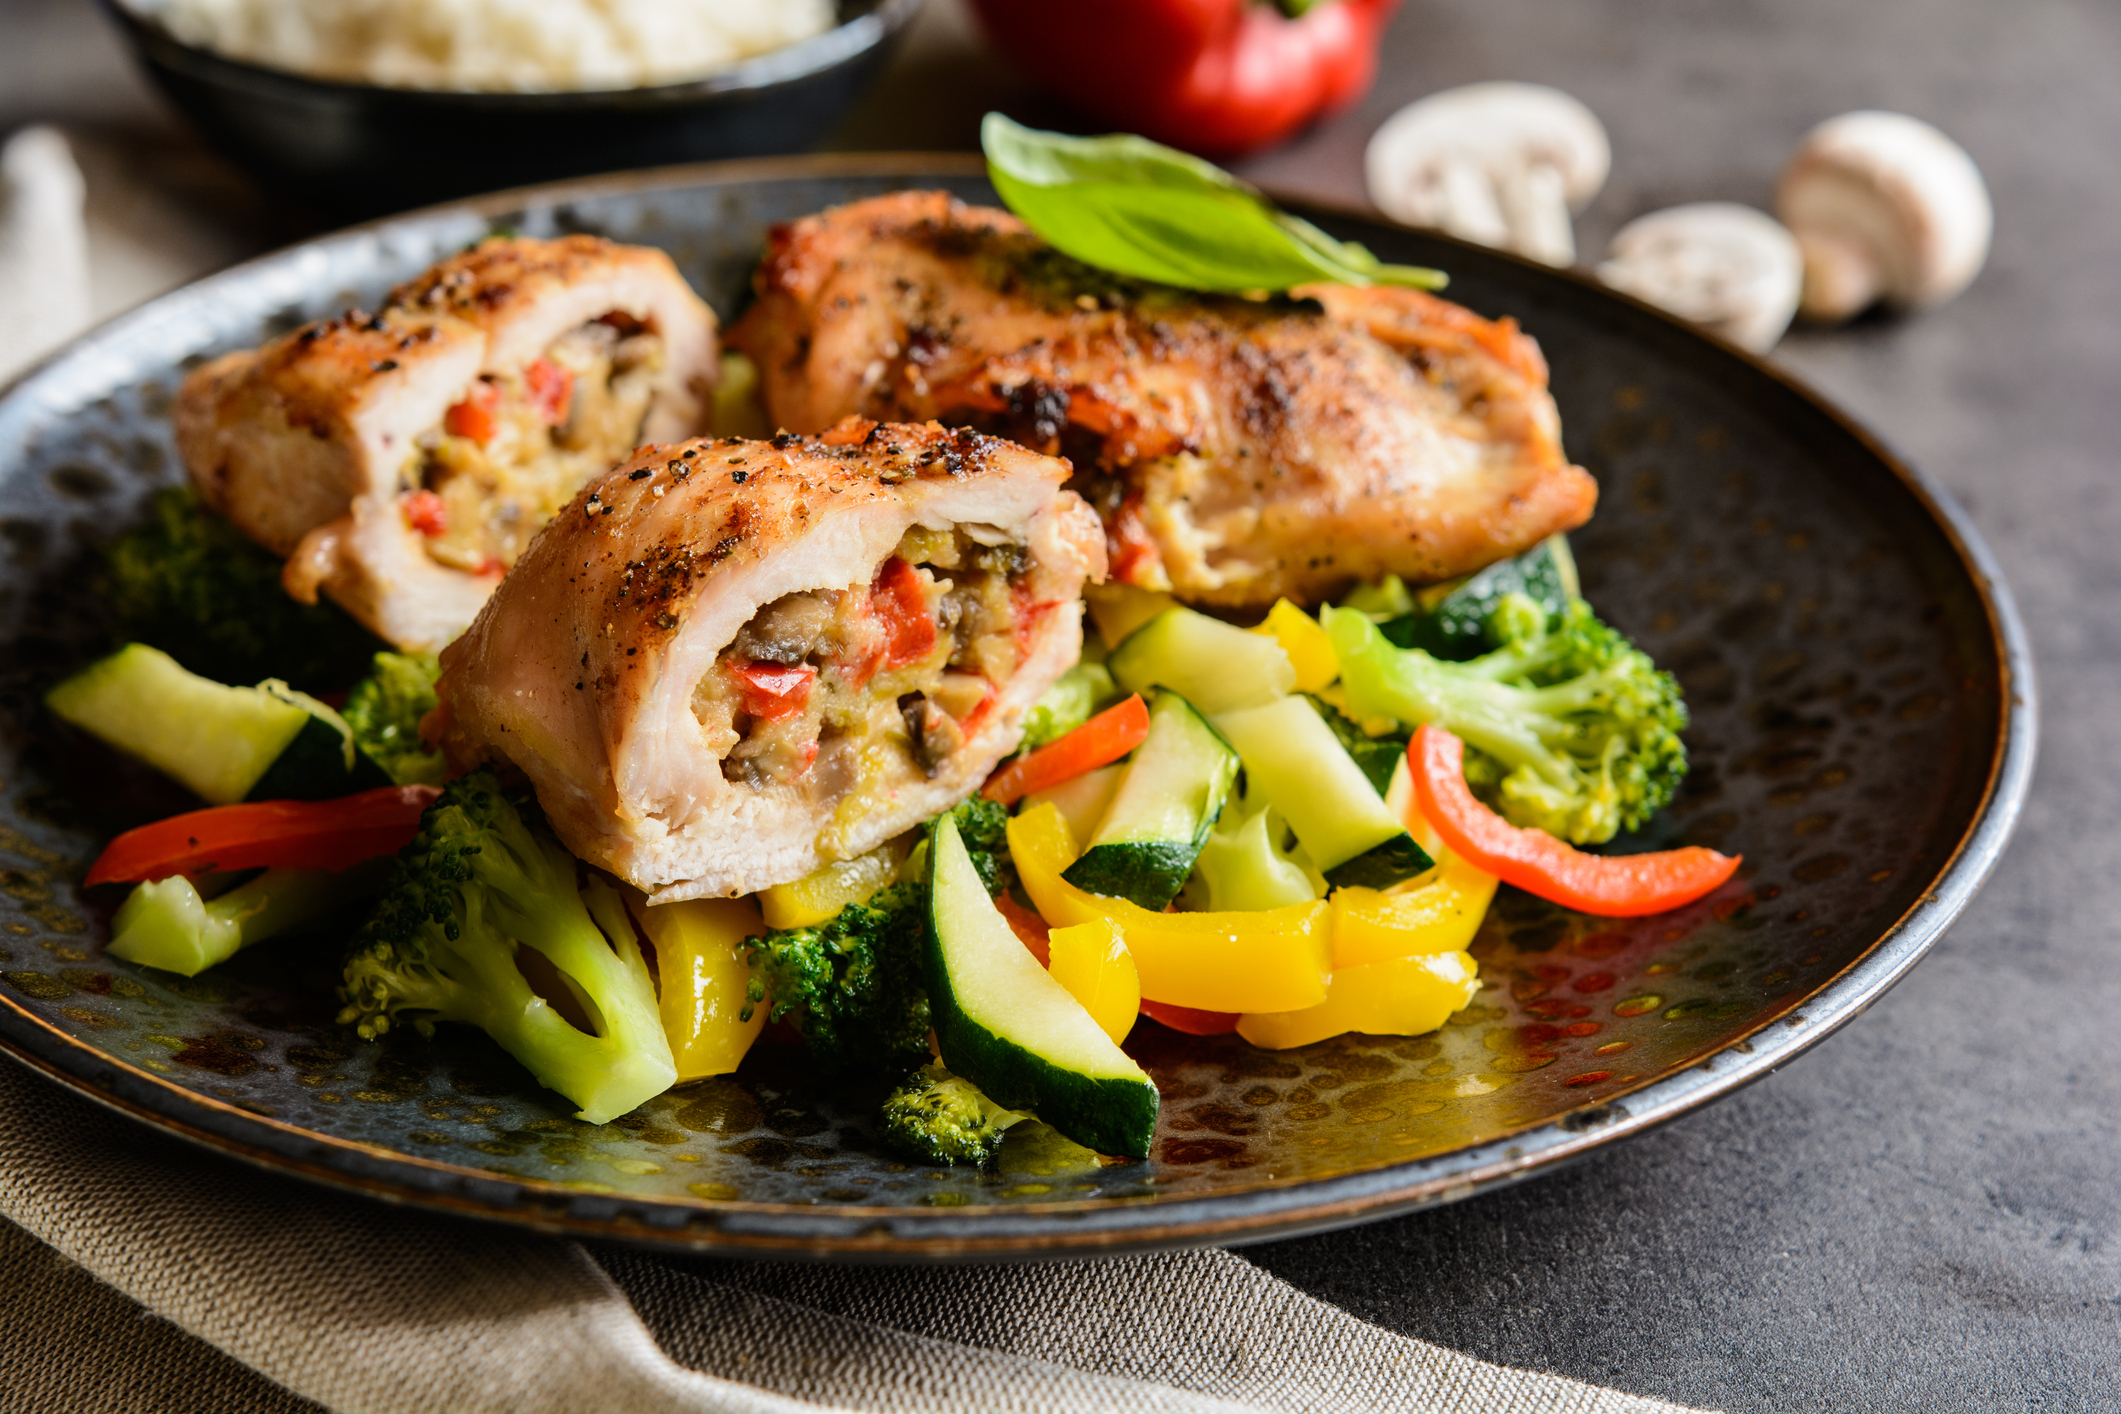 ThinkstockPhotos 621473494 Predlog za ručak: Pileće kuglice s brokolijem